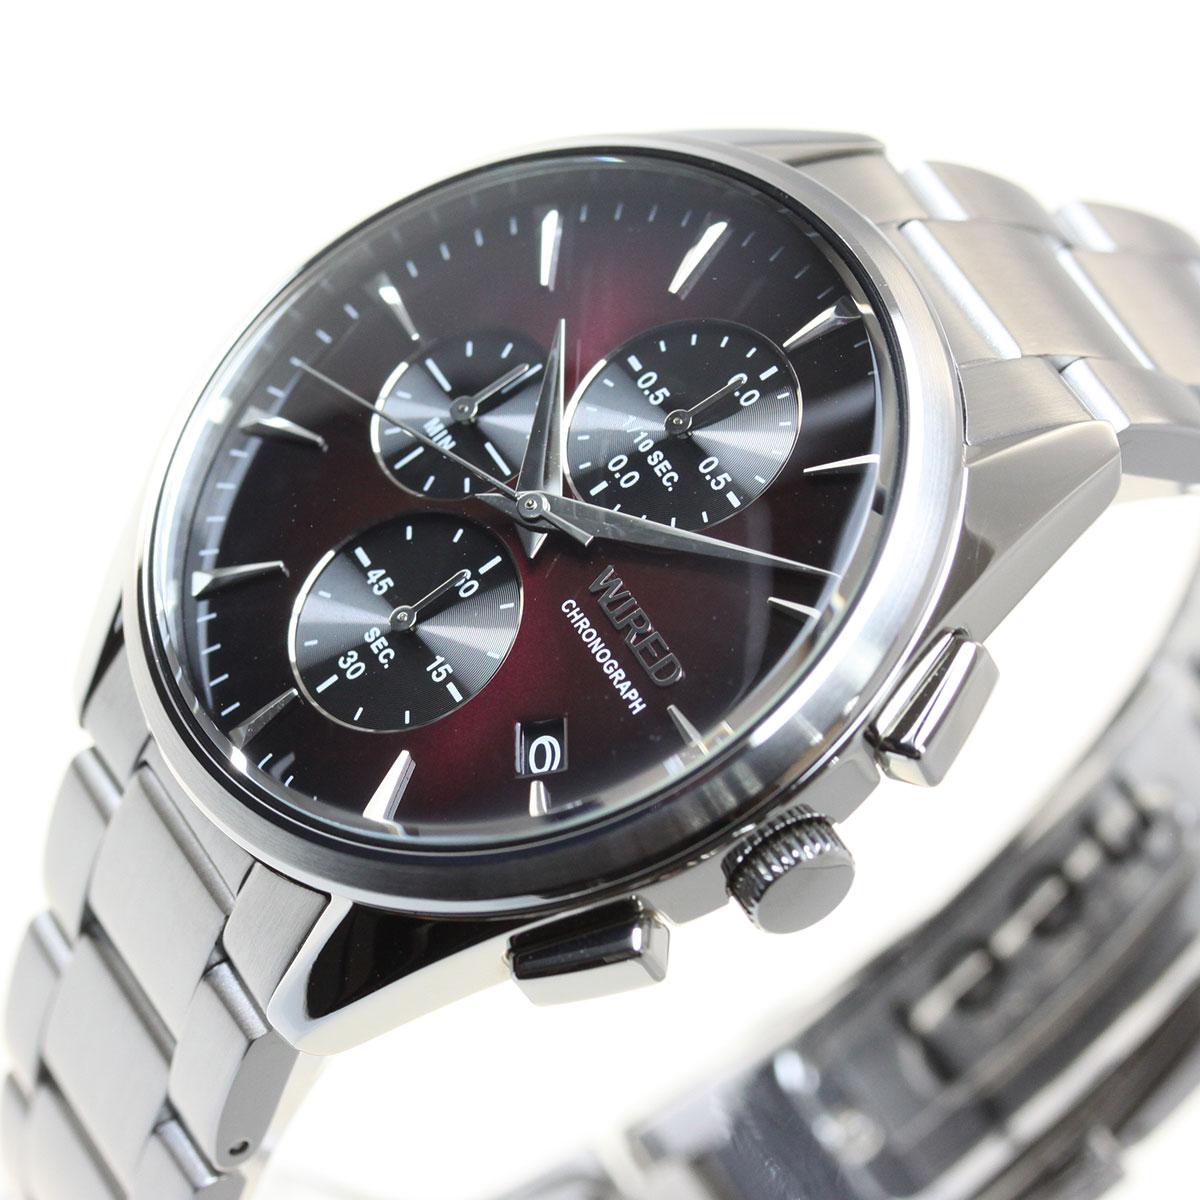 セイコー ワイアード SEIKO WIRED 腕時計 メンズ クロノグラフ TOKYO SORA AGAT439